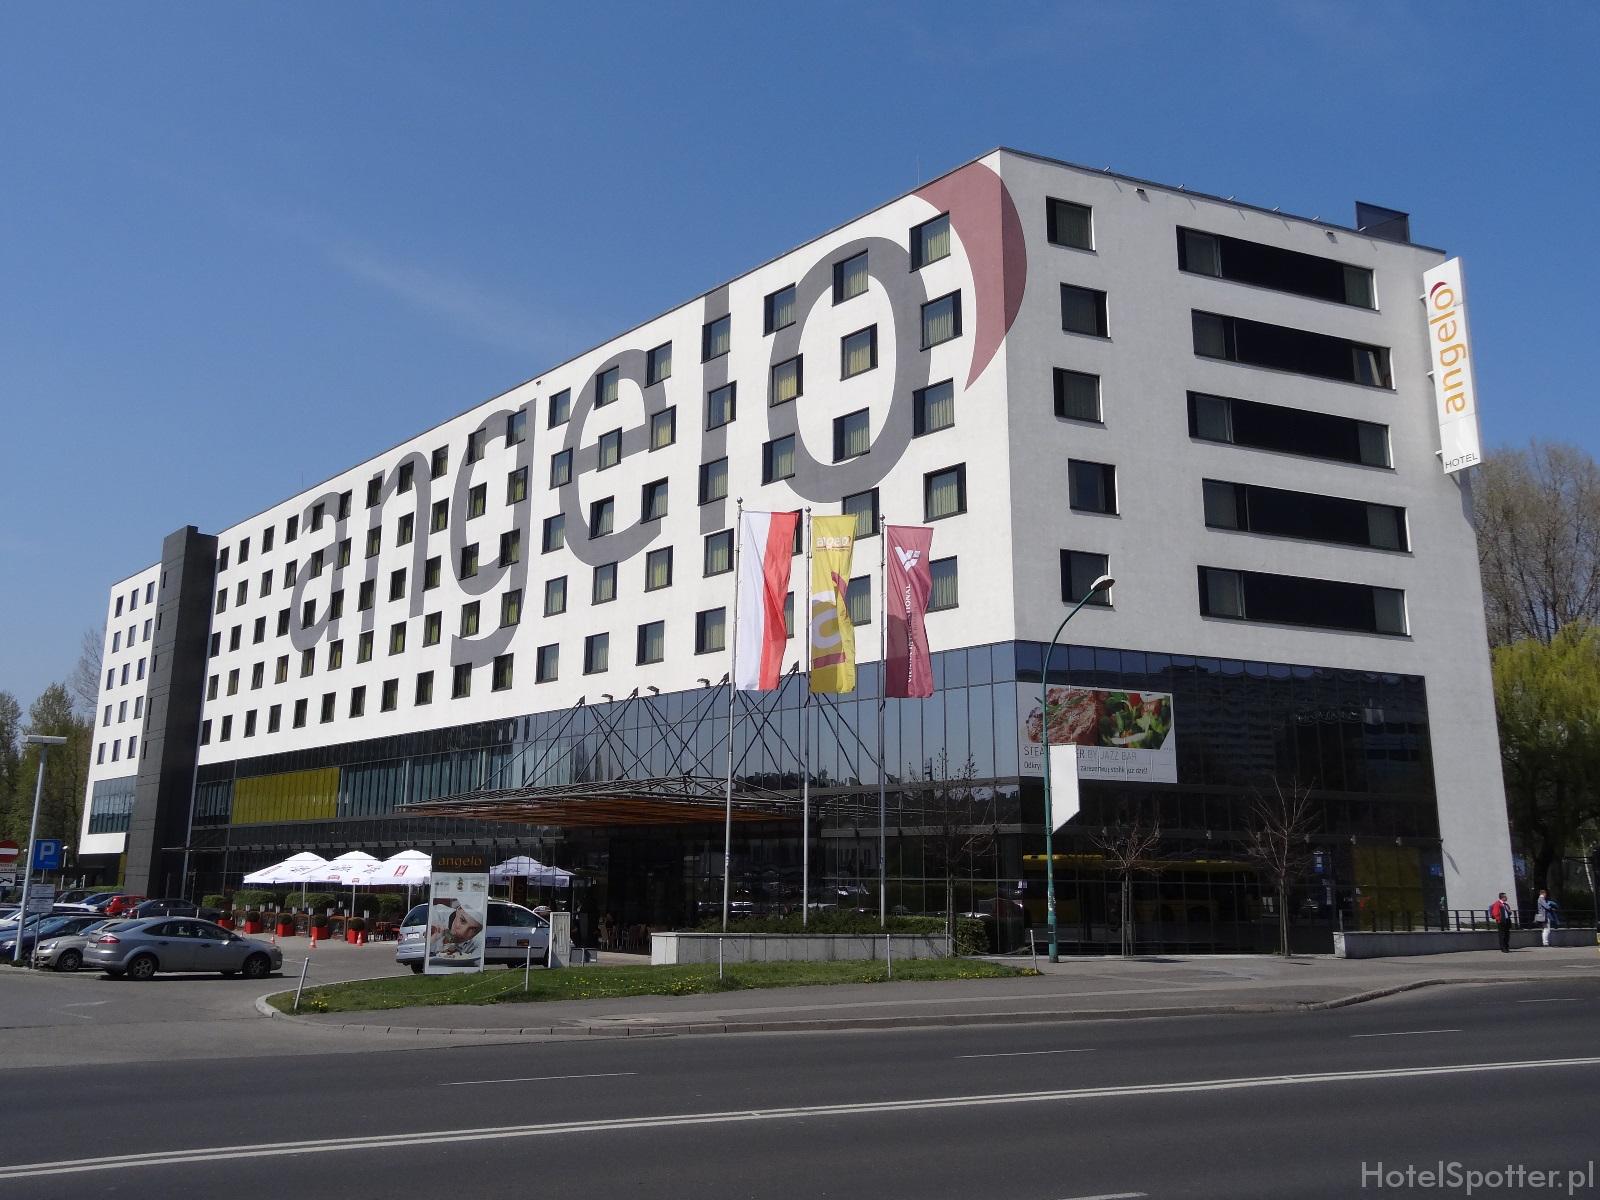 angelo Hotel Katowice - wyglad zewnetrzny